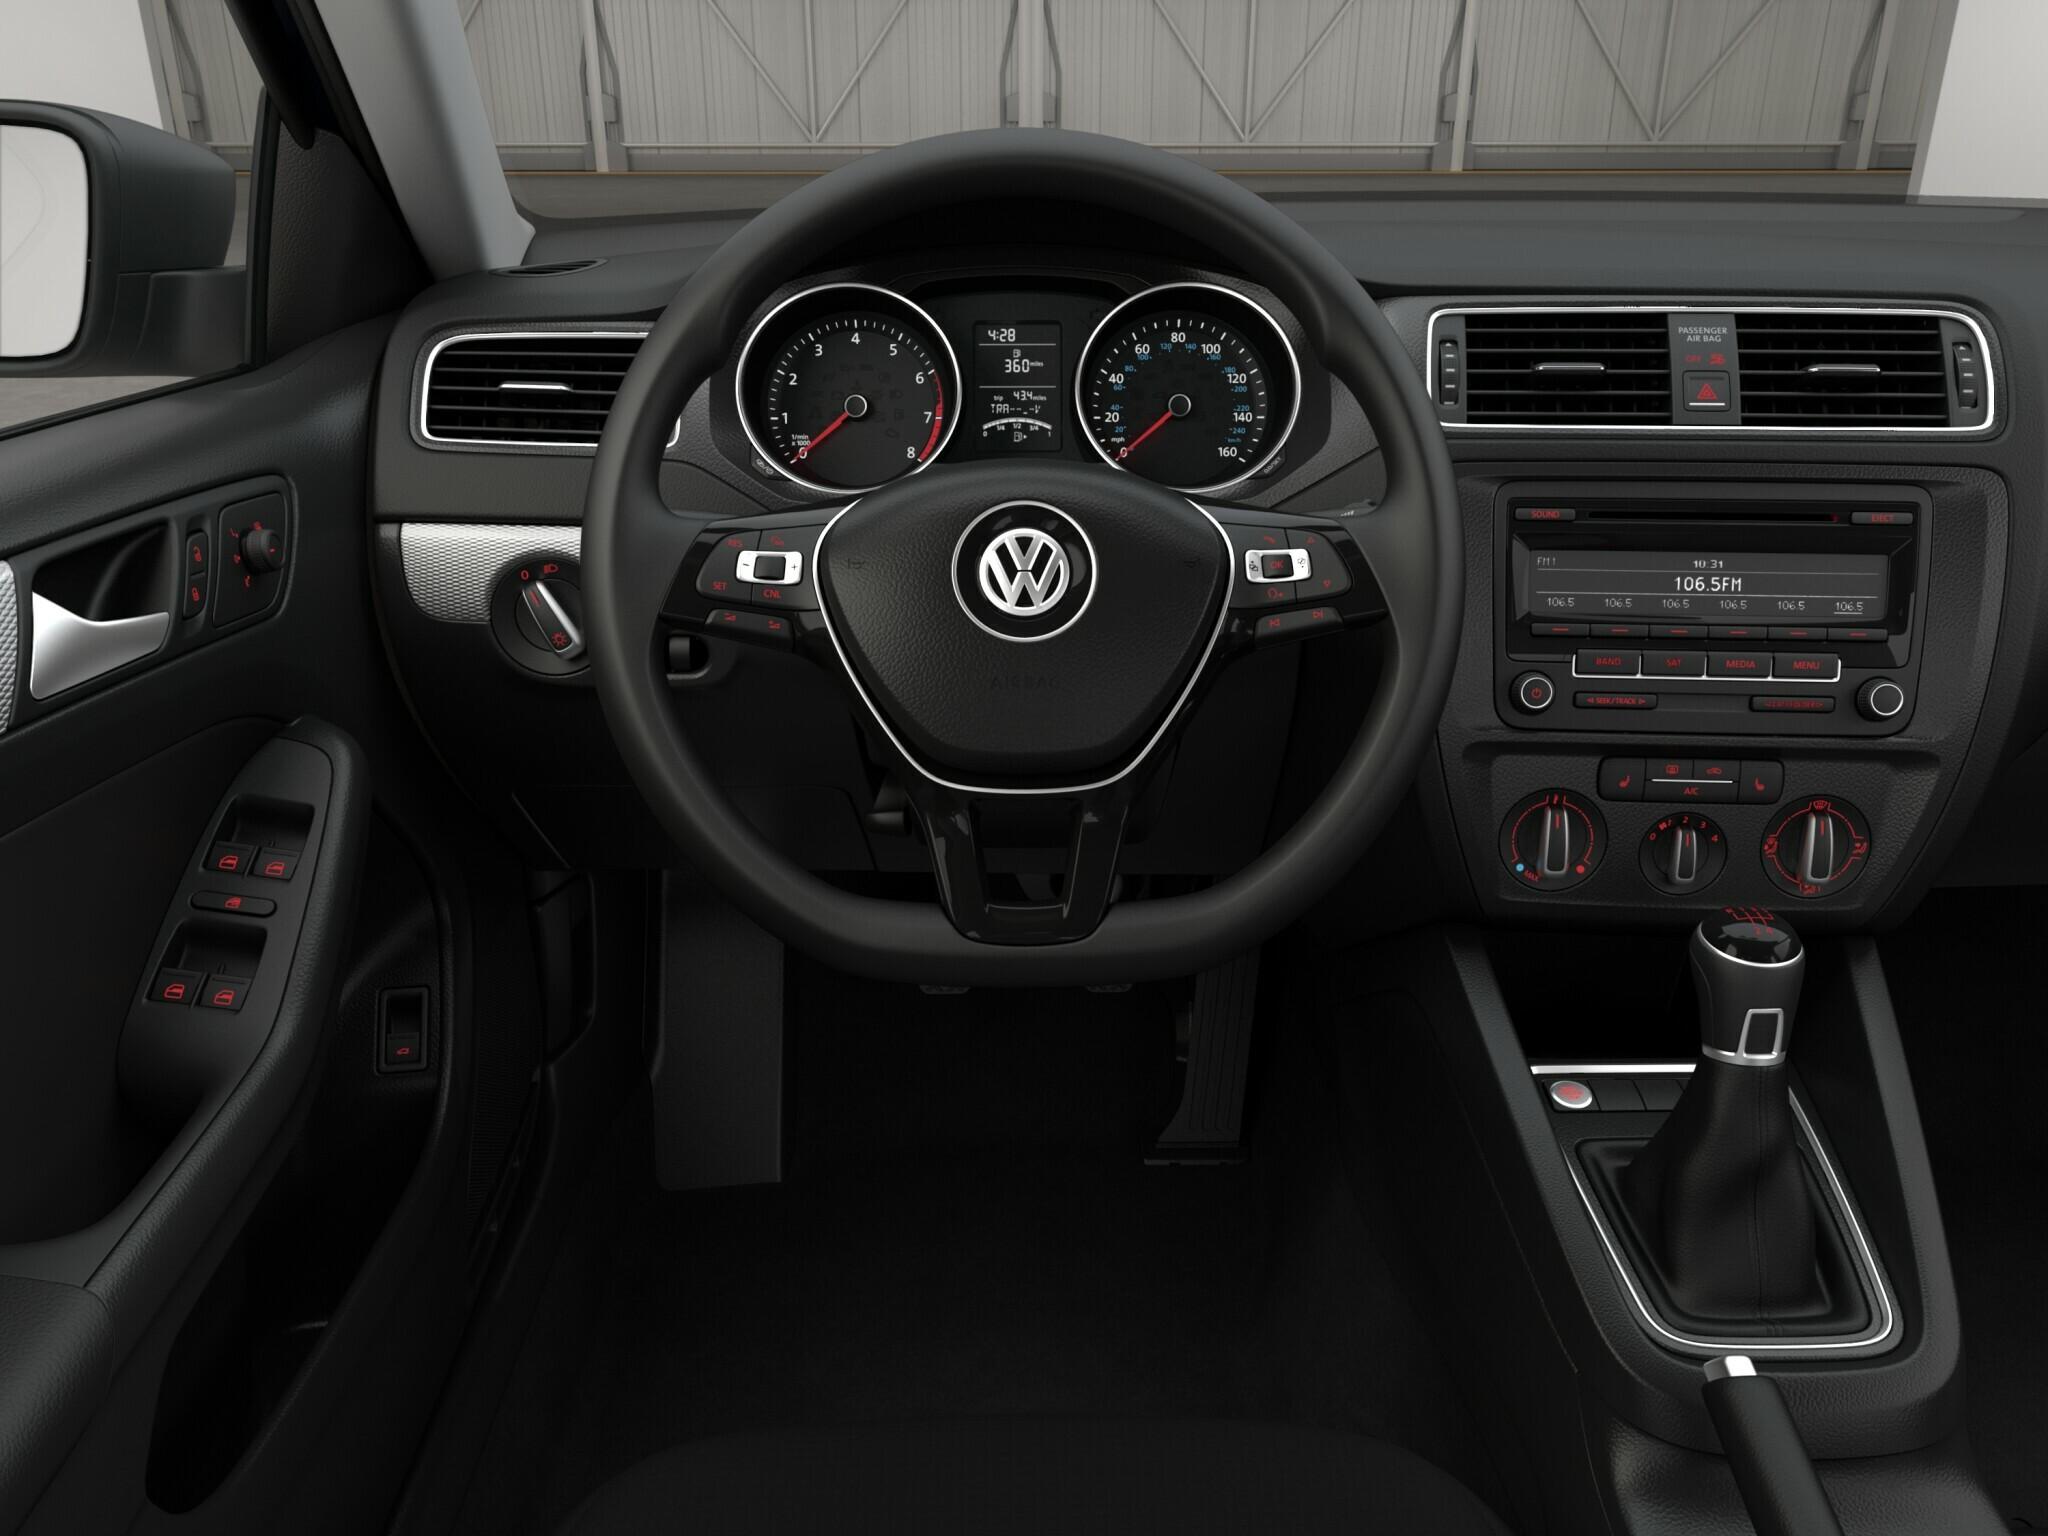 Volkswagen Jetta Interior Accessories Osir Design Usa Vw Gti Mkv 2006 2009 2013 Volkswagen